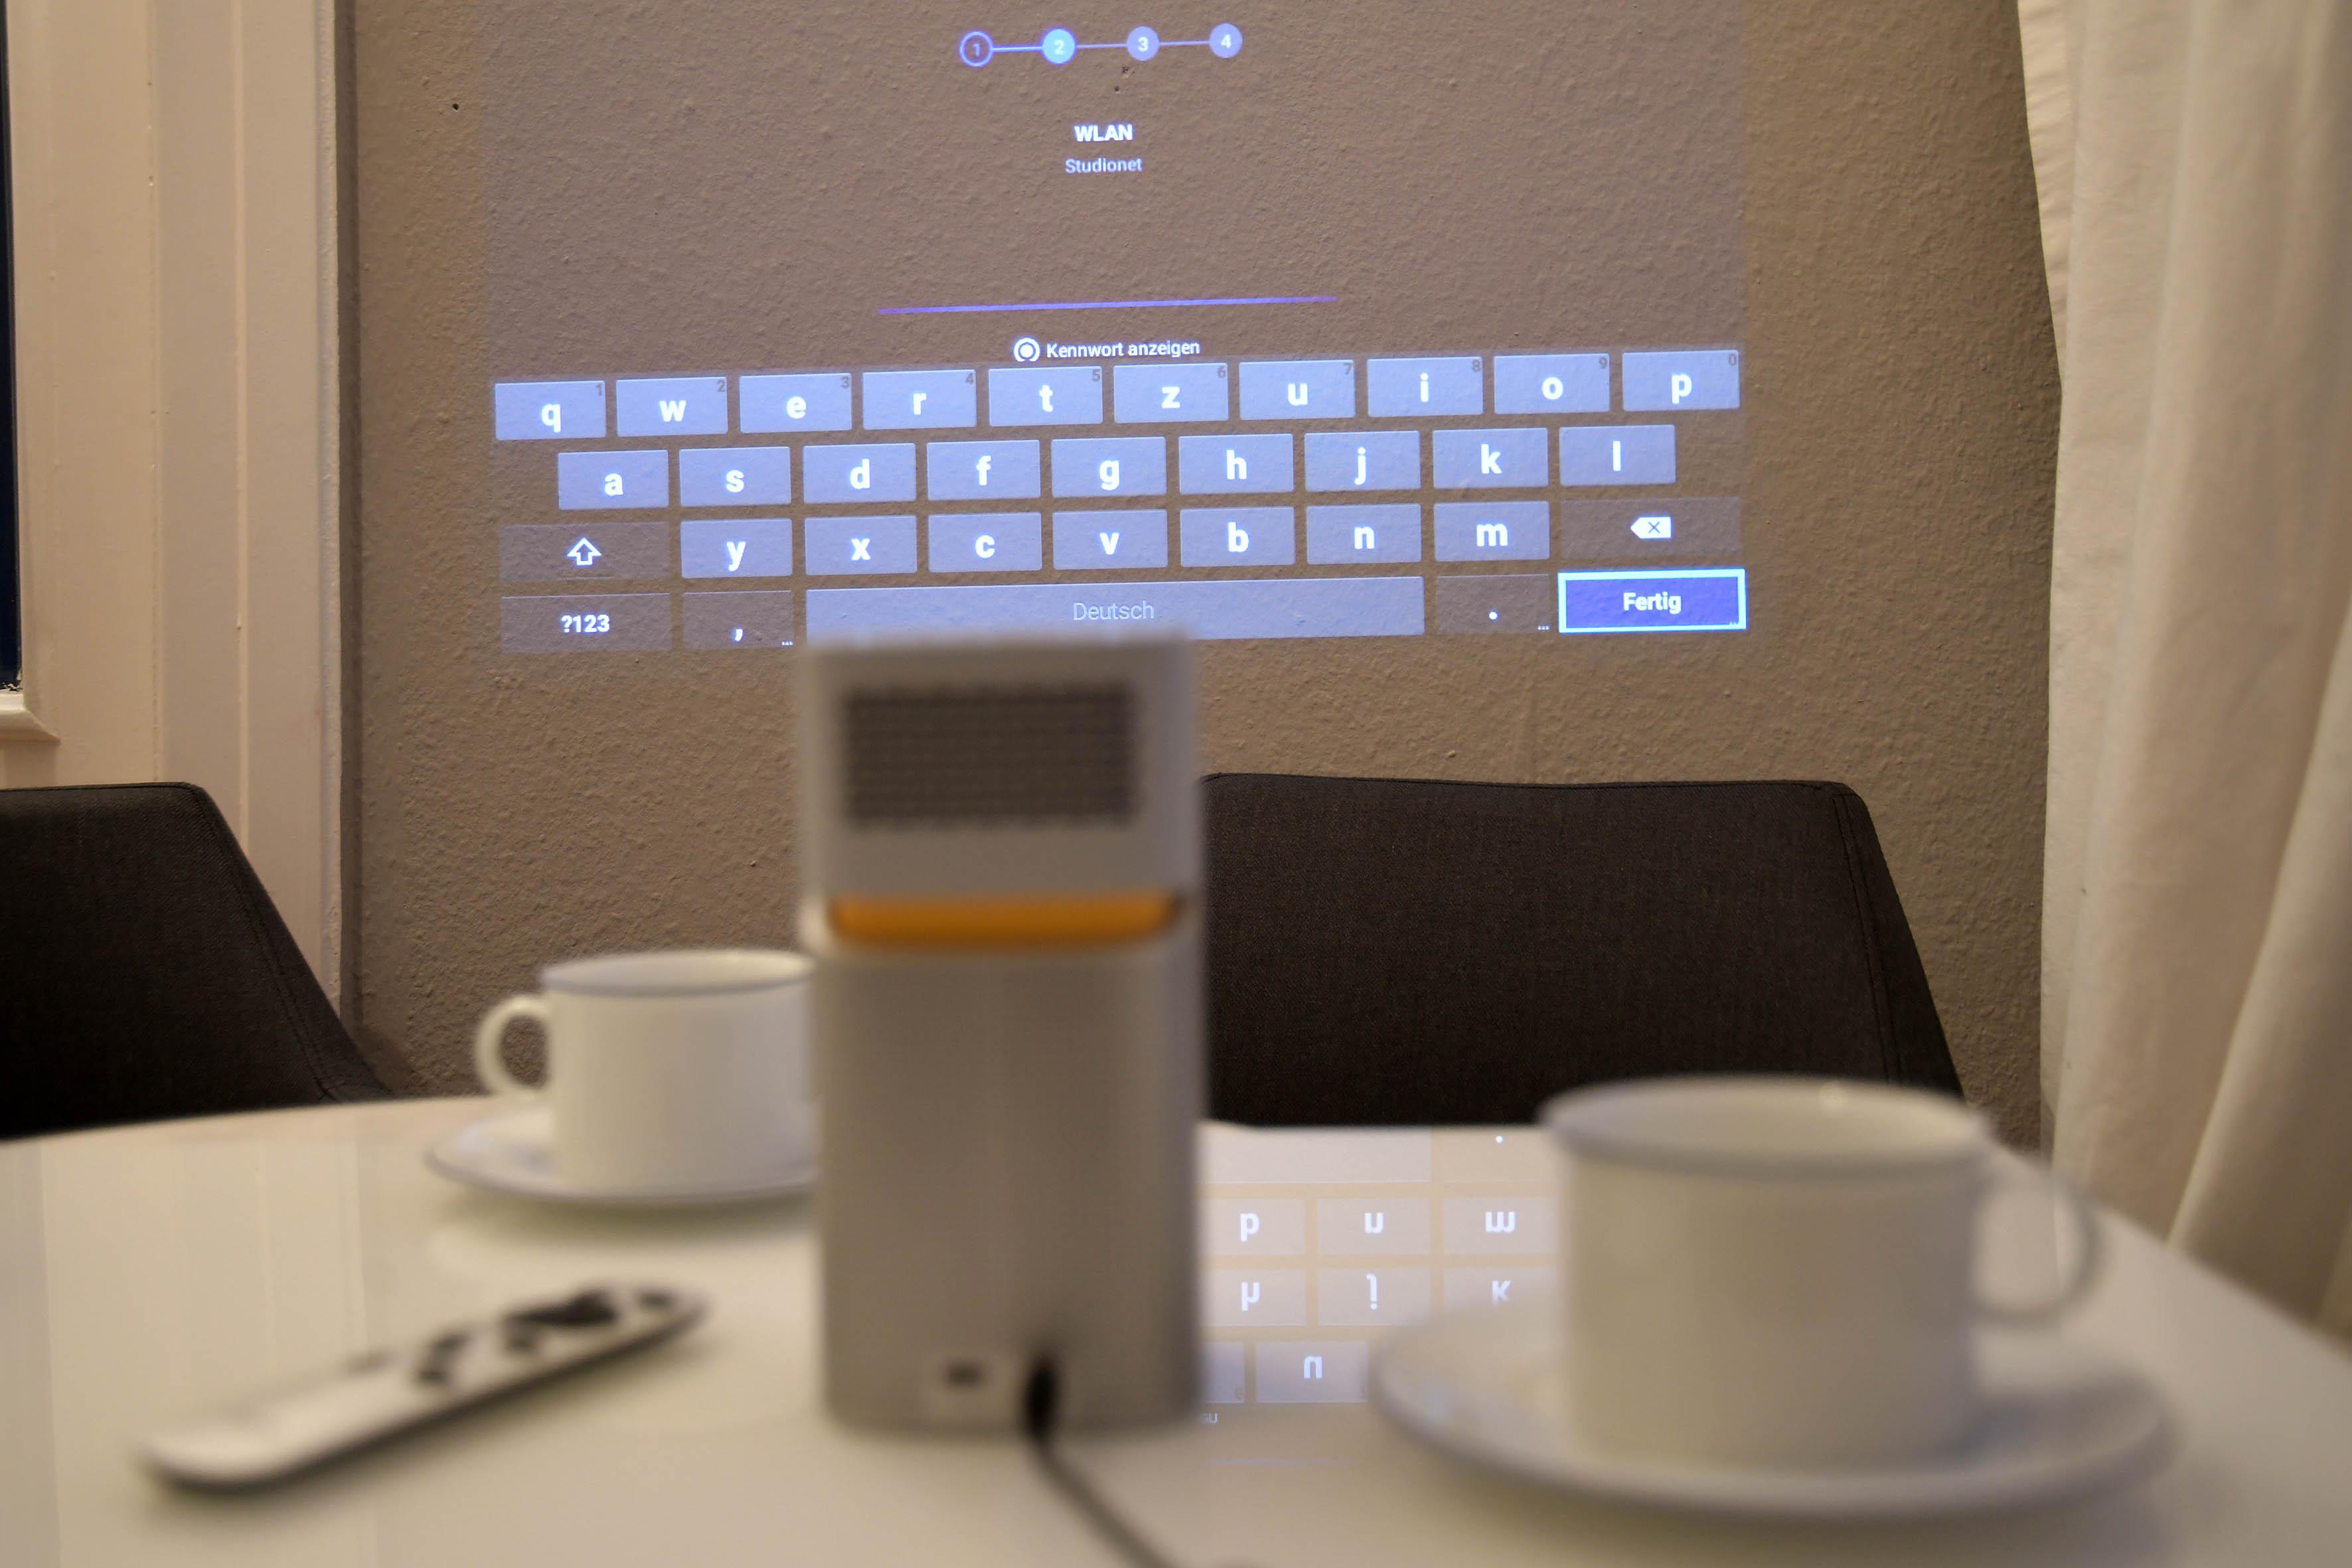 Foto: Michael B. Rehders Jetzt noch schnell das Kennwort eingeben. Mehr ist nicht nötig, um den BenQ GV1 mit dem Netzwerk zu verbinden. Bei aromatischem Kaffee kann die Präsentation nun beginnen.